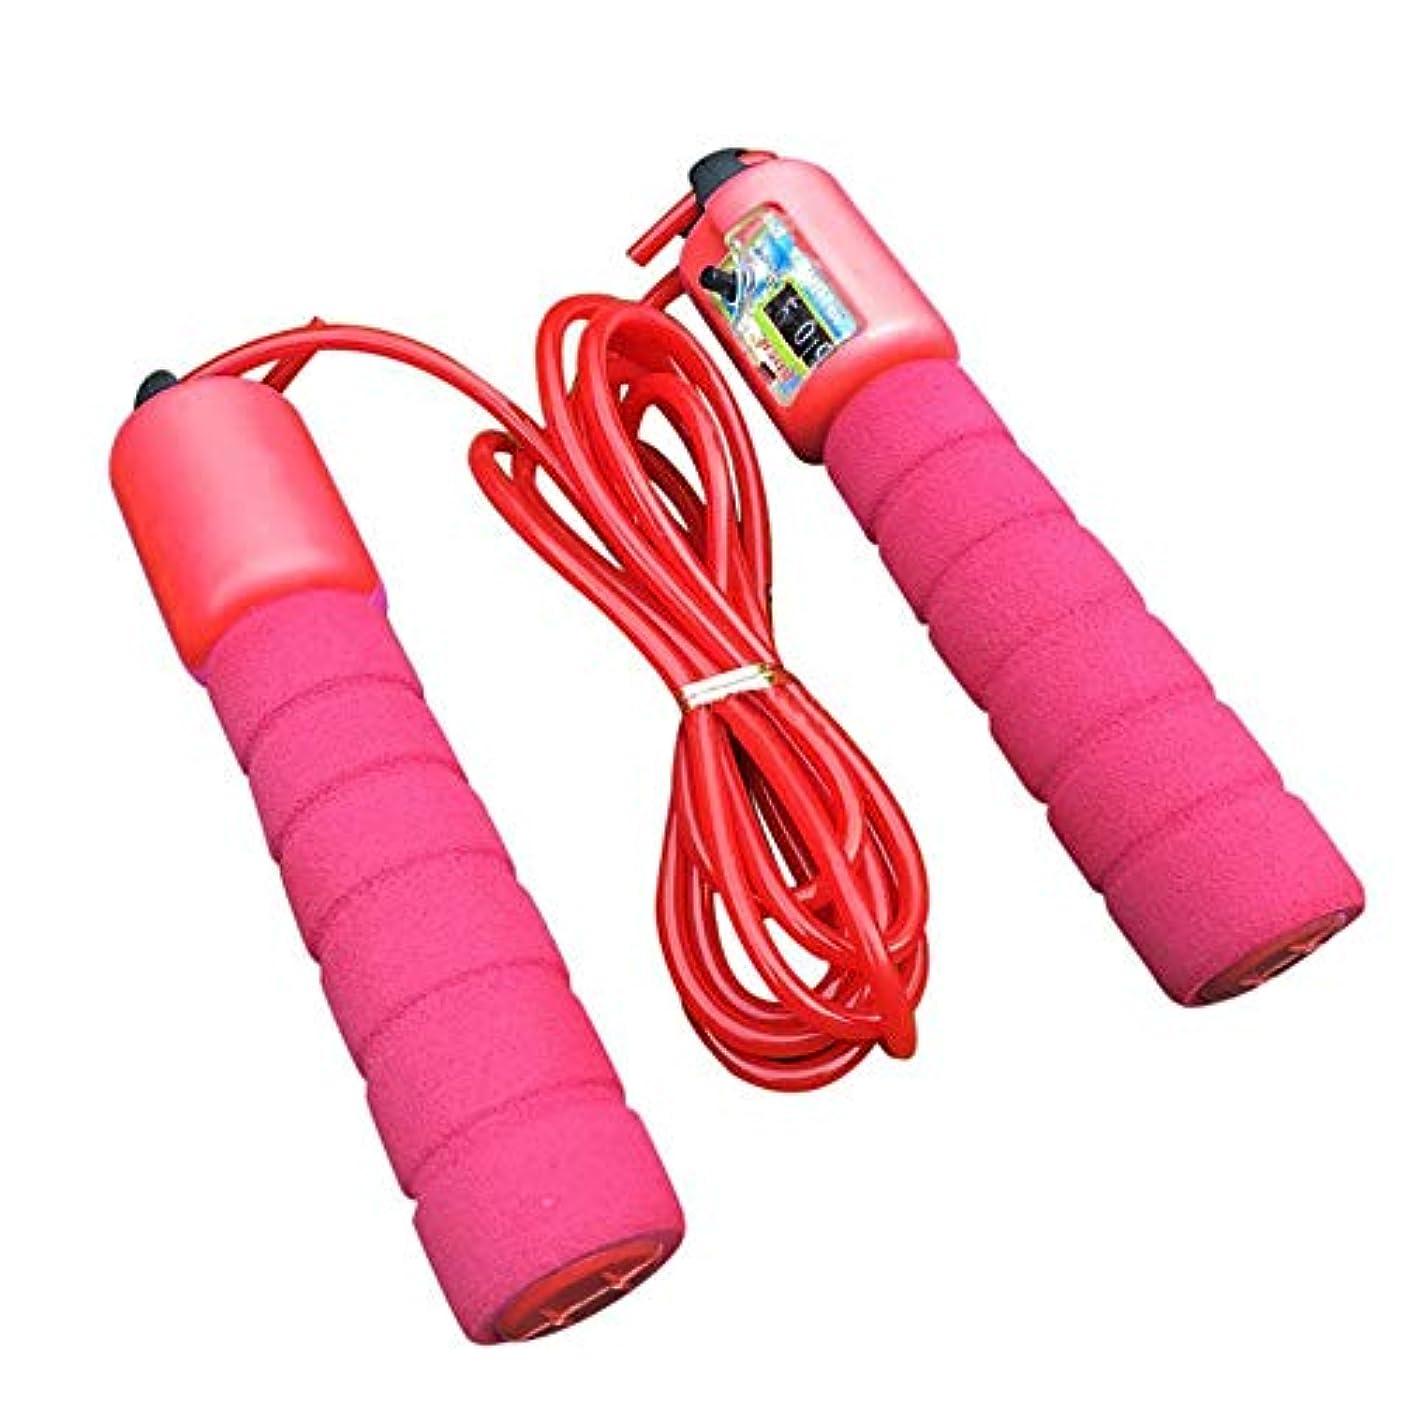 睡眠食べるペッカディロ調整可能なプロフェッショナルカウント縄跳び自動カウントジャンプロープフィットネス運動高速カウントジャンプロープ - 赤